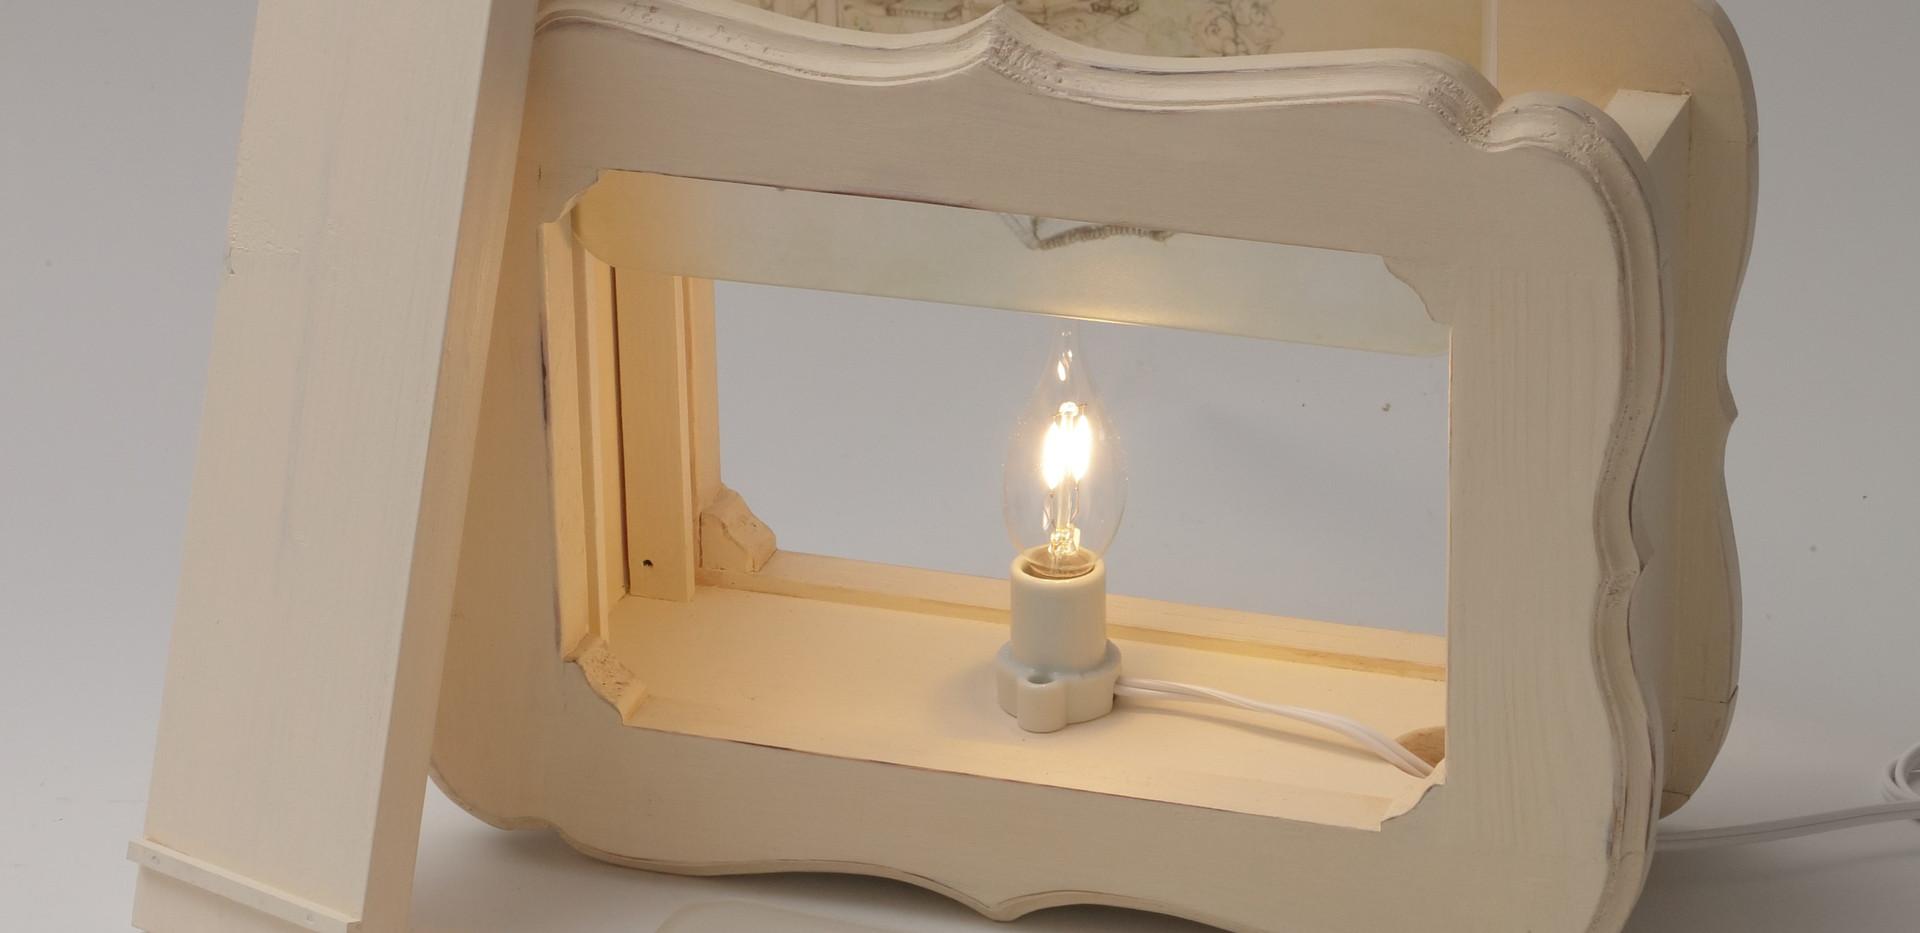 LI-06看板テーブルライト